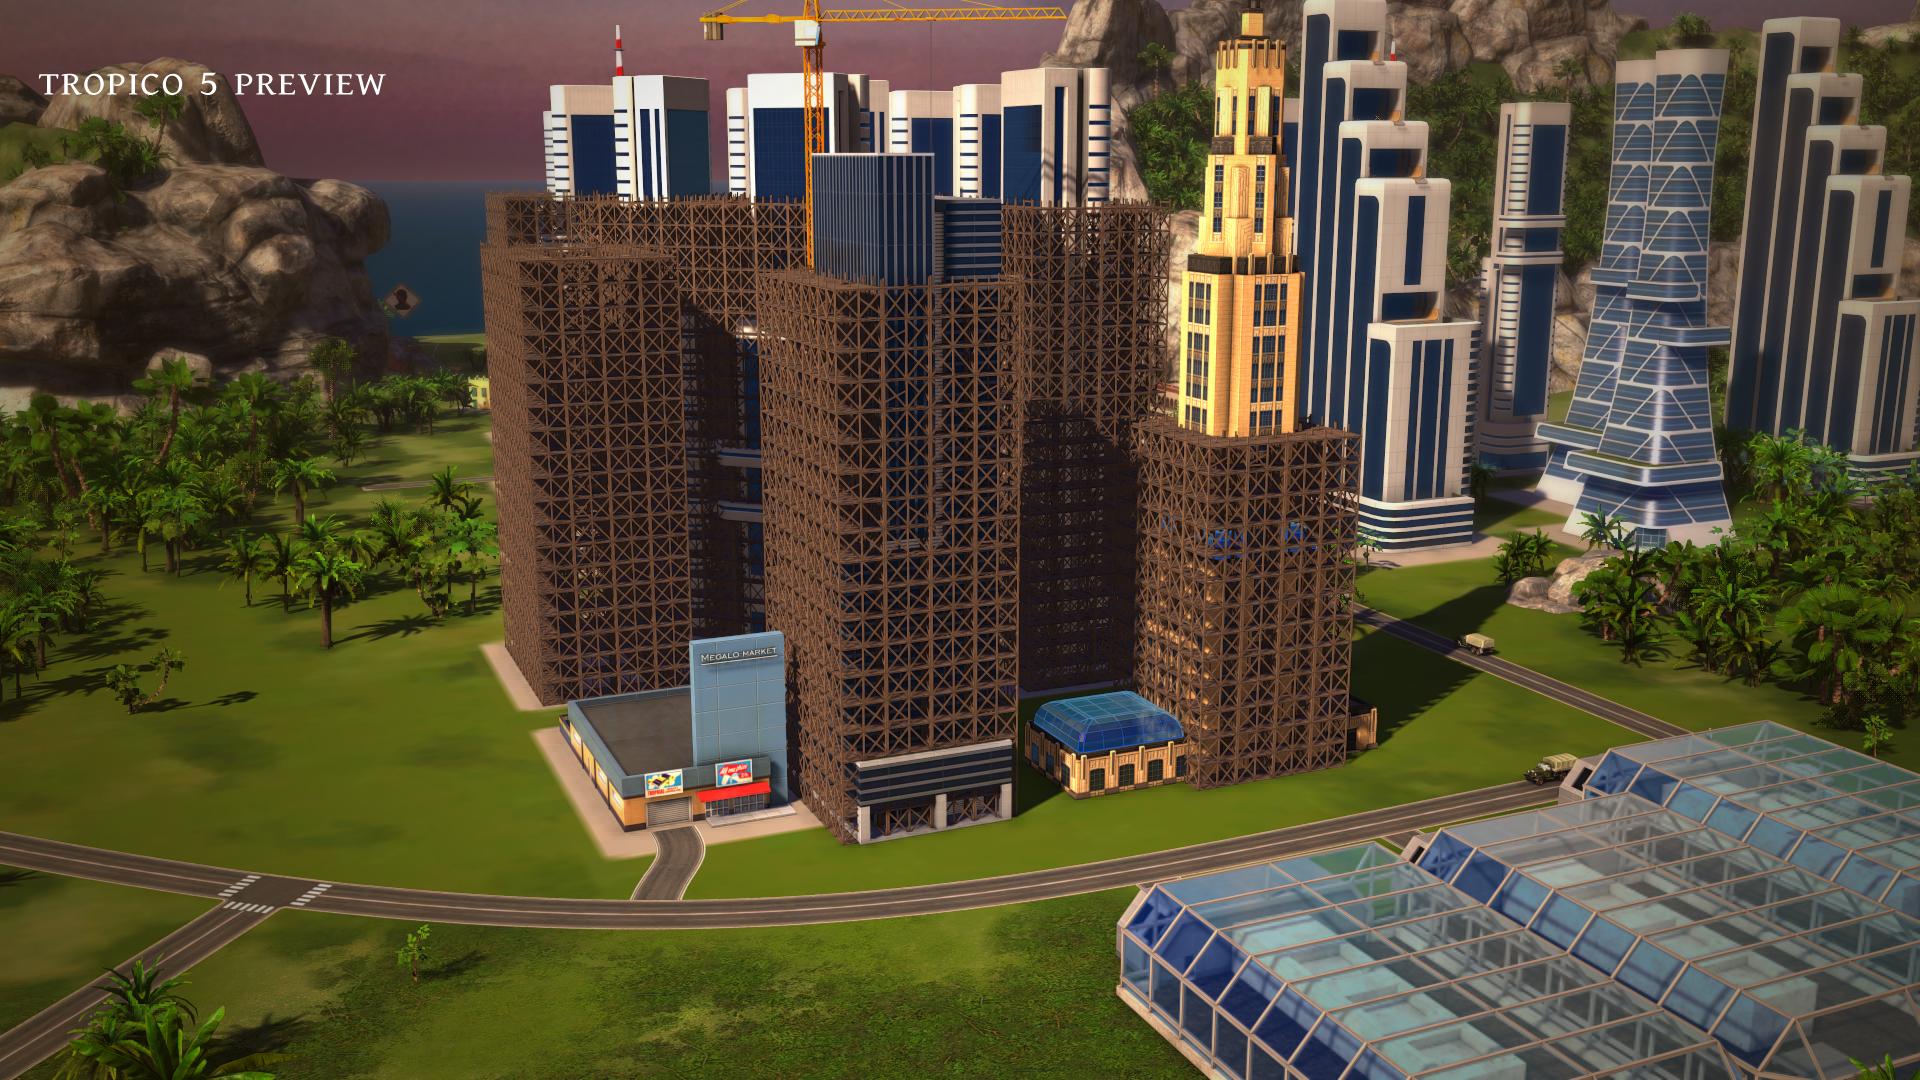 Tropico 5: Vorverkauf gestartet sowie neuer Gameplay-Trailer 3